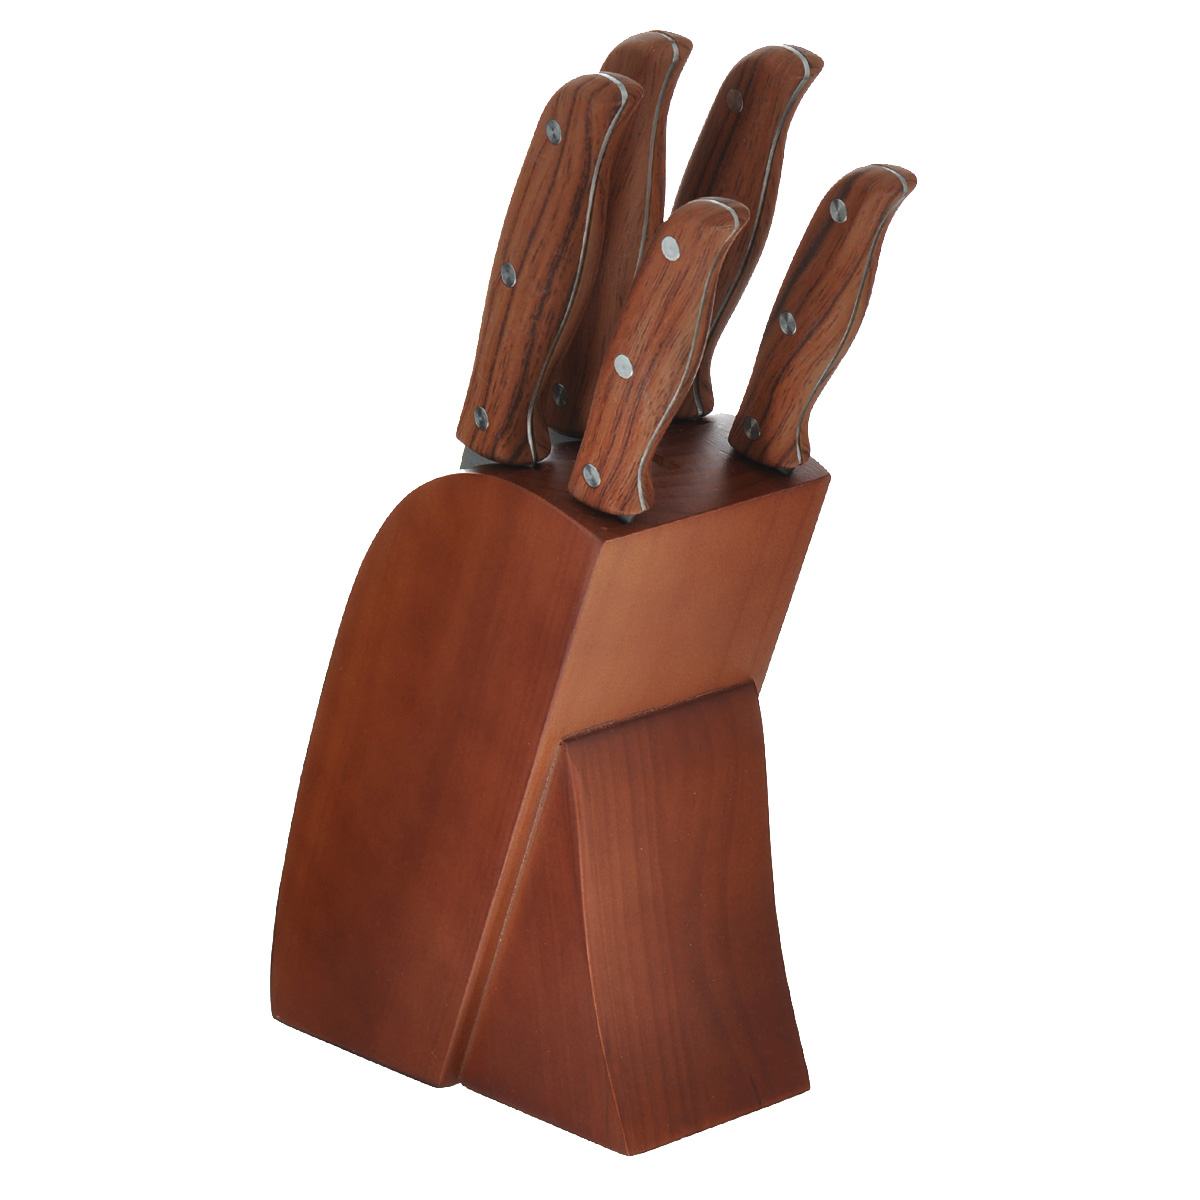 Набор ножей Mayer & Boch, на подставке, цвет: коричневый, 6 предметов. 2362123621Набор ножей Mayer & Boch состоит из поварского ножа, ножа для хлеба,разделочного ножа, универсального ножа и ножа для чистки овощей и фруктов.Предметы набора устанавливаются в удобную подставку, изготовленную изкачественной древесины.Ножи выполнены из высококачественной нержавеющей стали, котораяобеспечивает высокие режущие свойства кромки клинка. Рукоятки ножейвыполнены под дерево из ABS пластика. Тщательно разработанный дизайнрукоятки и качество ее шлифовки позволяет ножу удобно располагаться в руке.Не рекомендуется мыть в посудомоечной машине. Материал подставки: дерево. Общая длина поварского ножа: 33 см. Длина лезвия поварского ножа: 20,3 см. Общая длина ножа для хлеба: 33,5 см. Длина лезвия ножа для хлеба: 20,3 см. Общая длина разделочного ножа: 33,5 см. Длина лезвия разделочного ножа: 20,3. Общая длина универсального ножа: 24 см. Длина лезвия универсального ножа: 12,7 см. Общая длина ножа для чистки овощей и фруктов: 20,5 см. Длина лезвия ножа для чистки овощей и фруктов: 8,9 см. Размер подставки: 17 см х 8,5 см х 20 см.